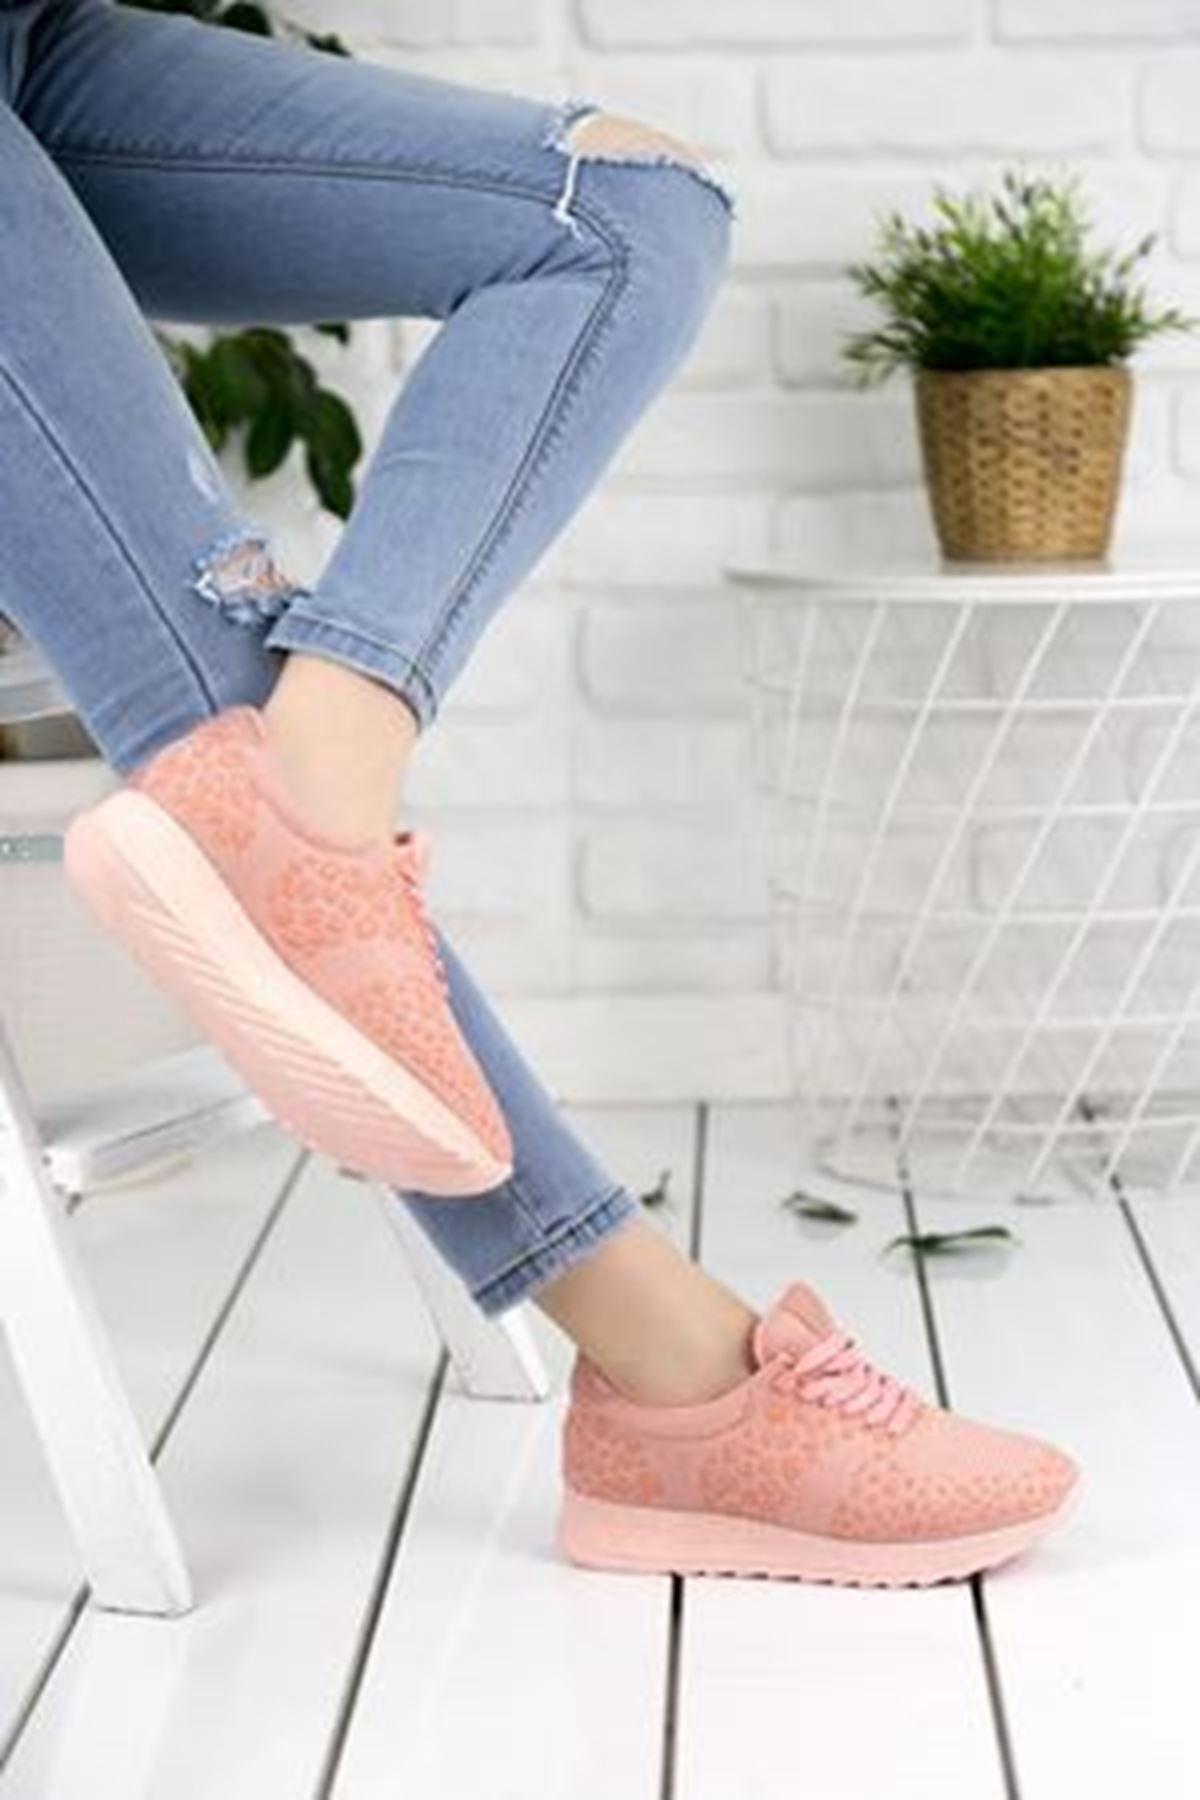 Fancy Pudra Ortapedik Bayan Spor Ayakkabı